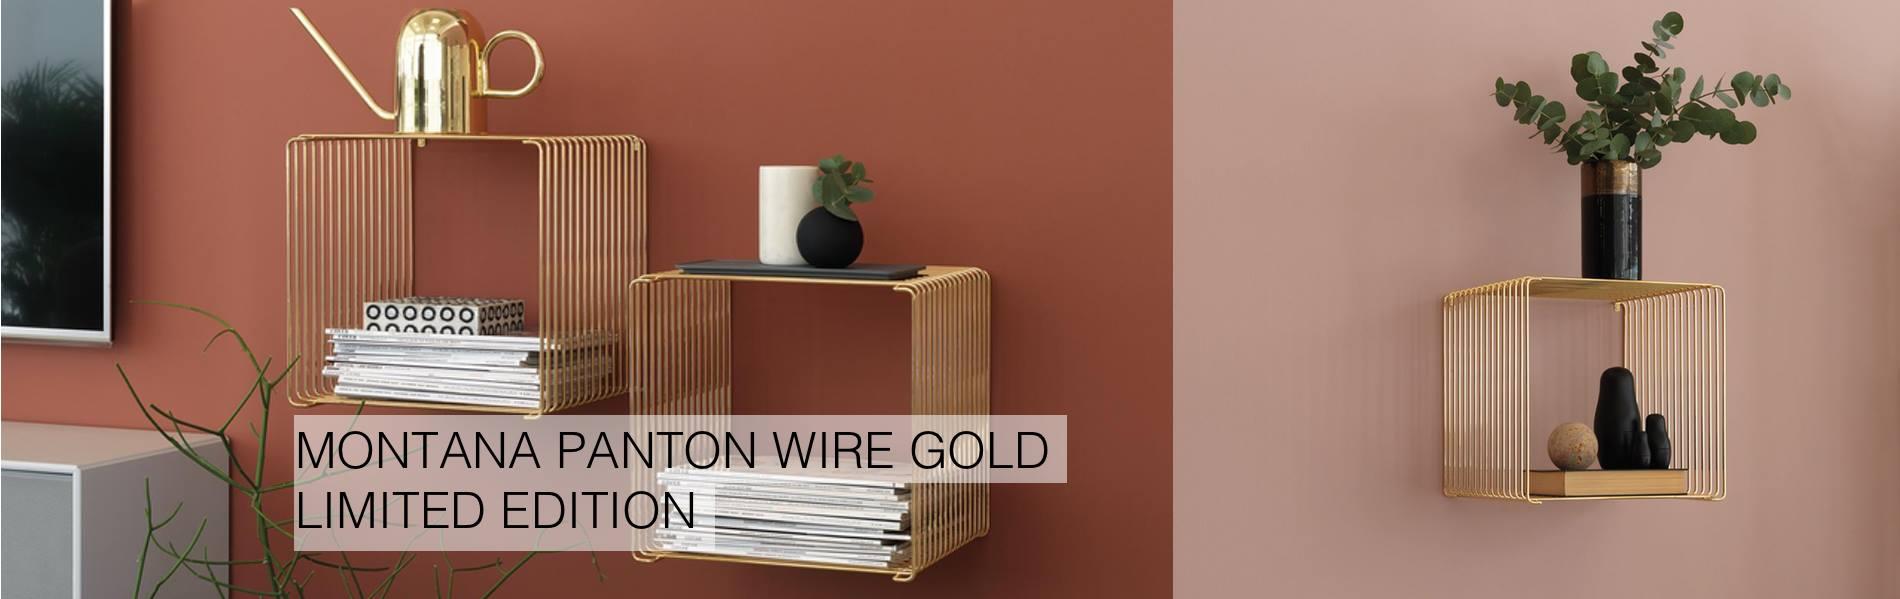 Designermøbler, lamper og interiør online   brdr. sørensen